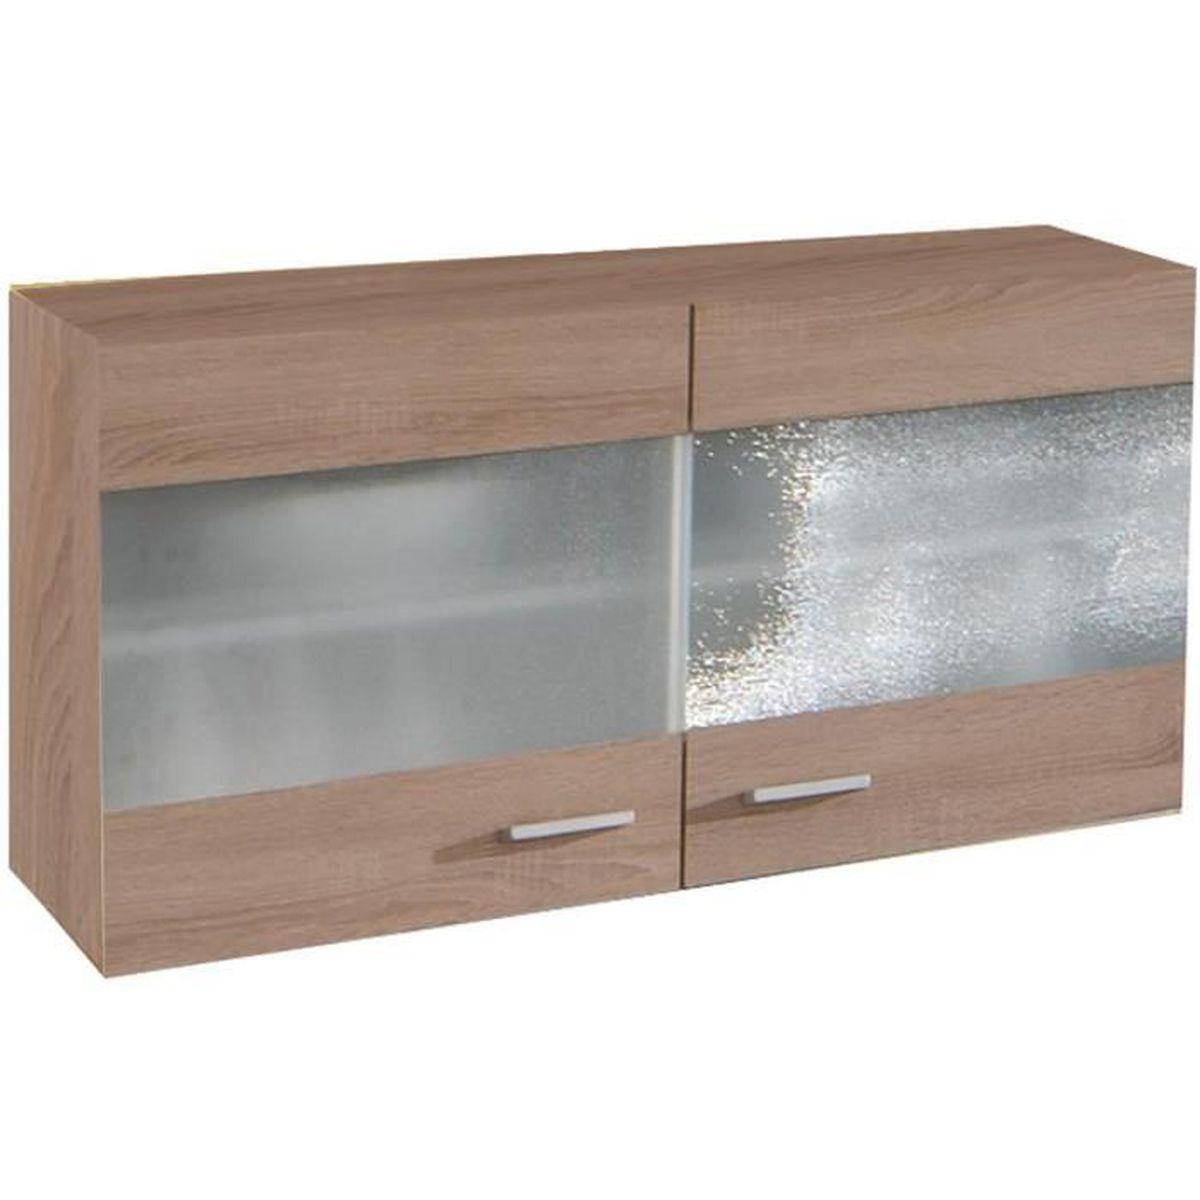 Meuble mural cuisine meuble mural tv unigro table for Ikea tiroir chauffant